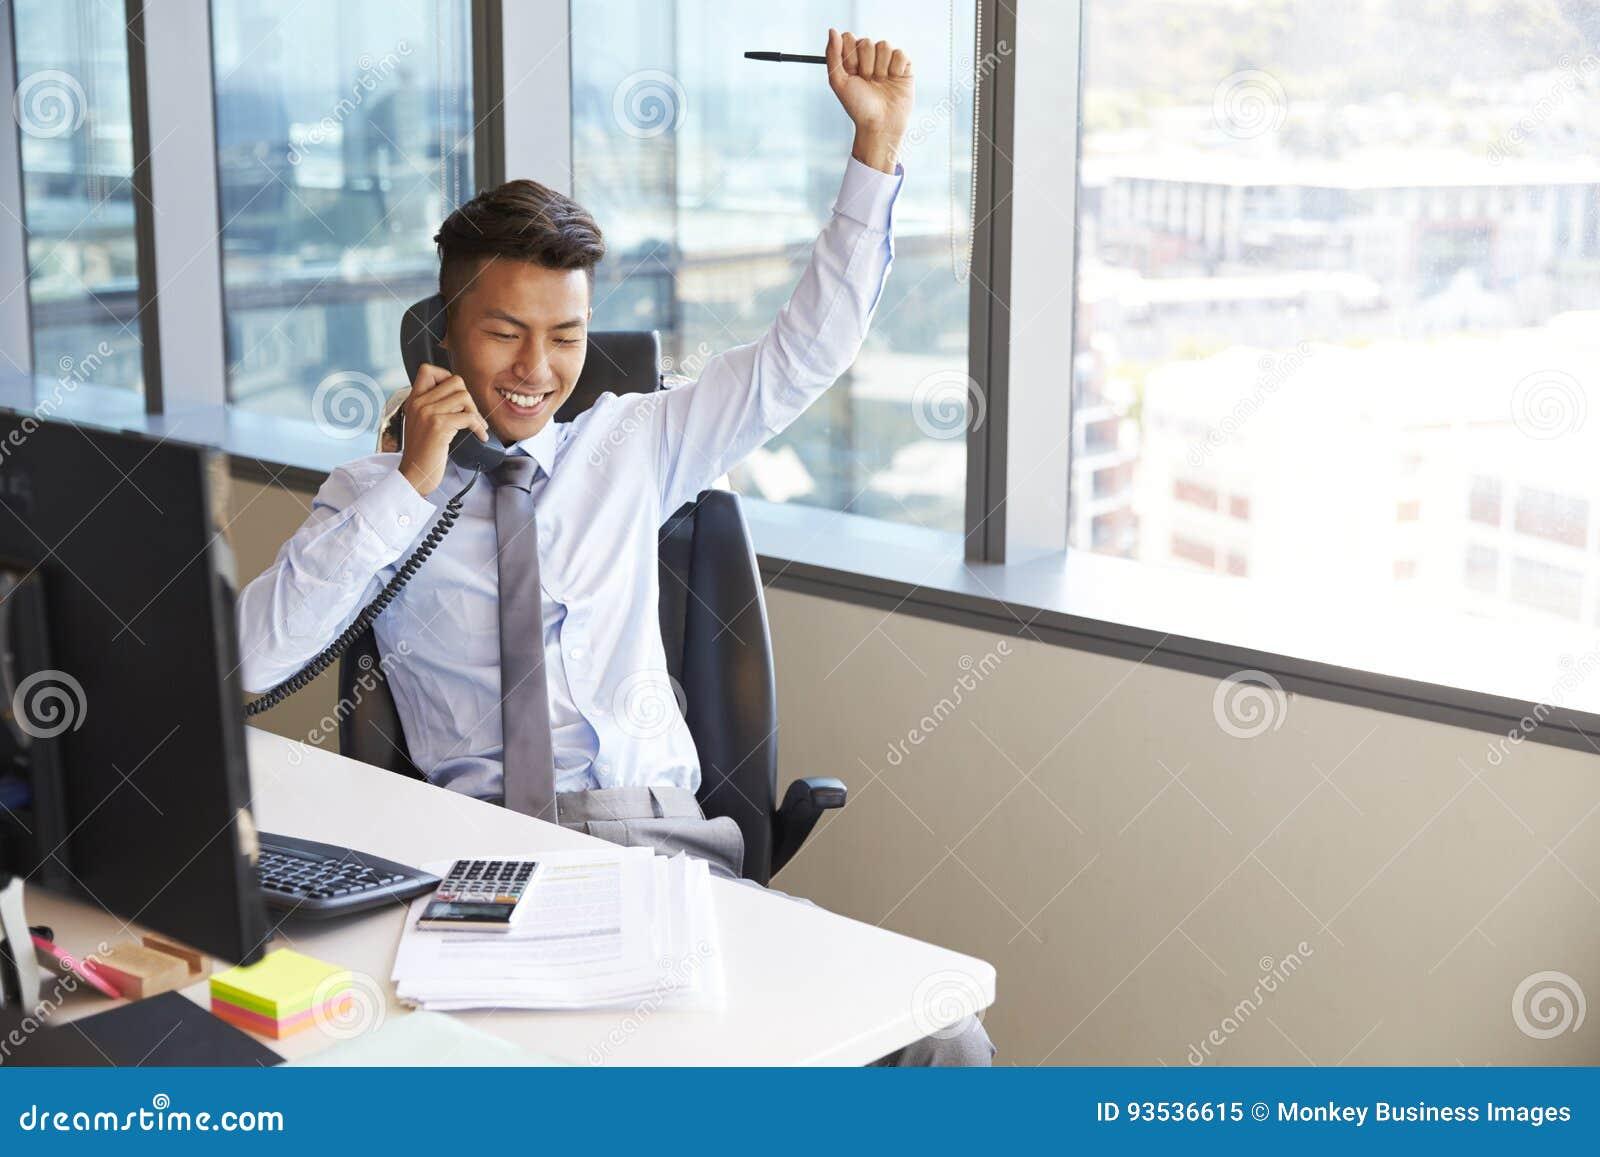 Comemorando o homem de negócios Making Phone Call na mesa no escritório